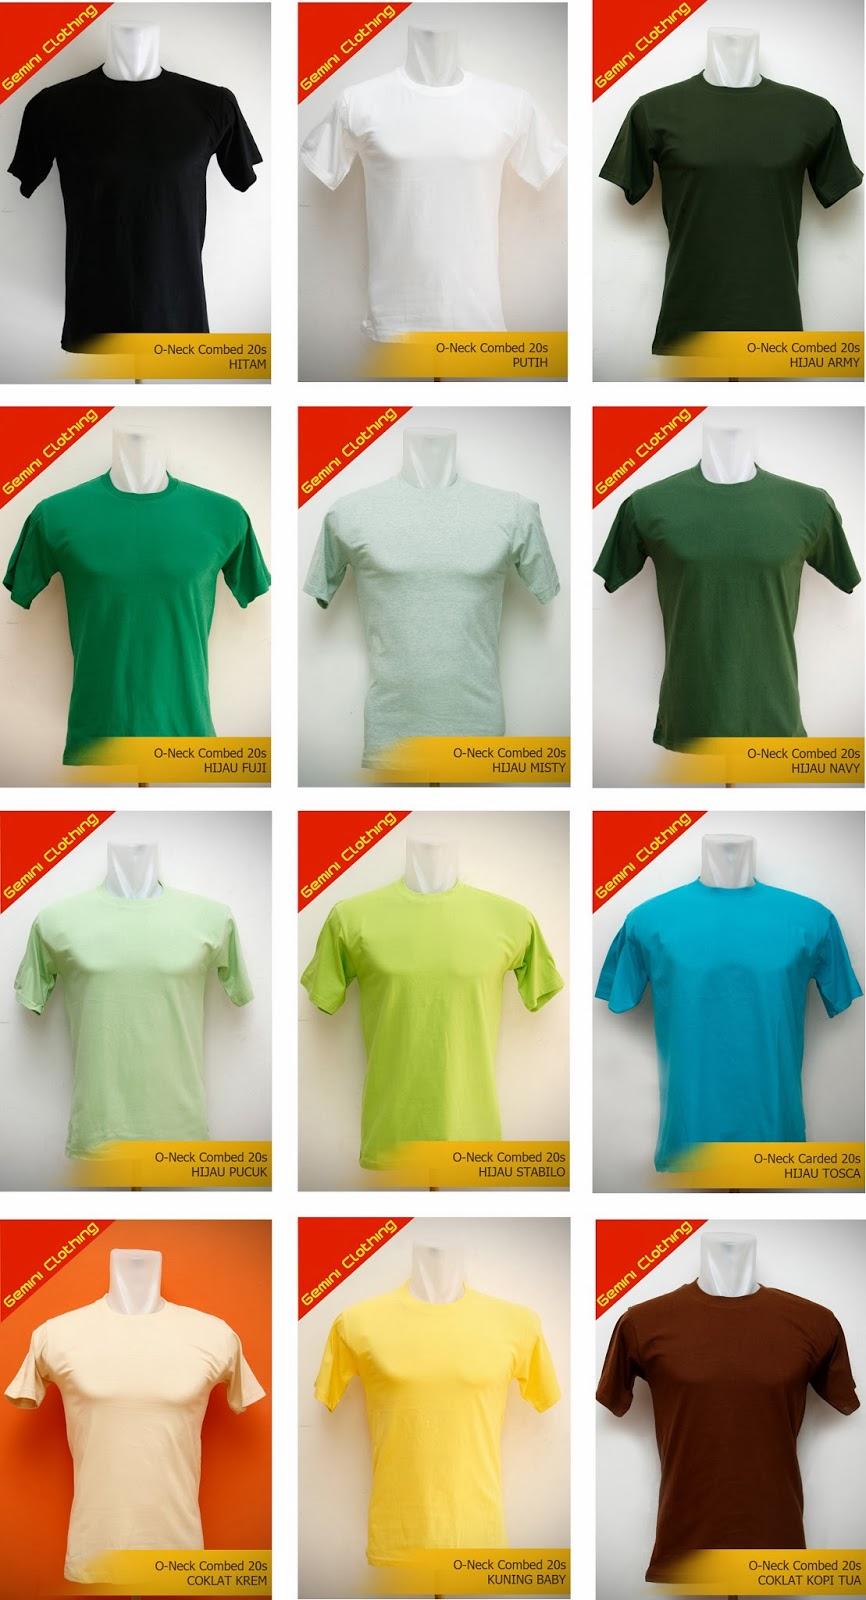 2013 Size L Kaos Polos Cotton Combed Lengan Panjang 20s Jenis Bahan Katun Ini Cocok Untuk Dipakai Sehari Hari Lembut Nyaman Dan Menyerap Keringat Bisa Beli Satuan Tanpa Minimum Order